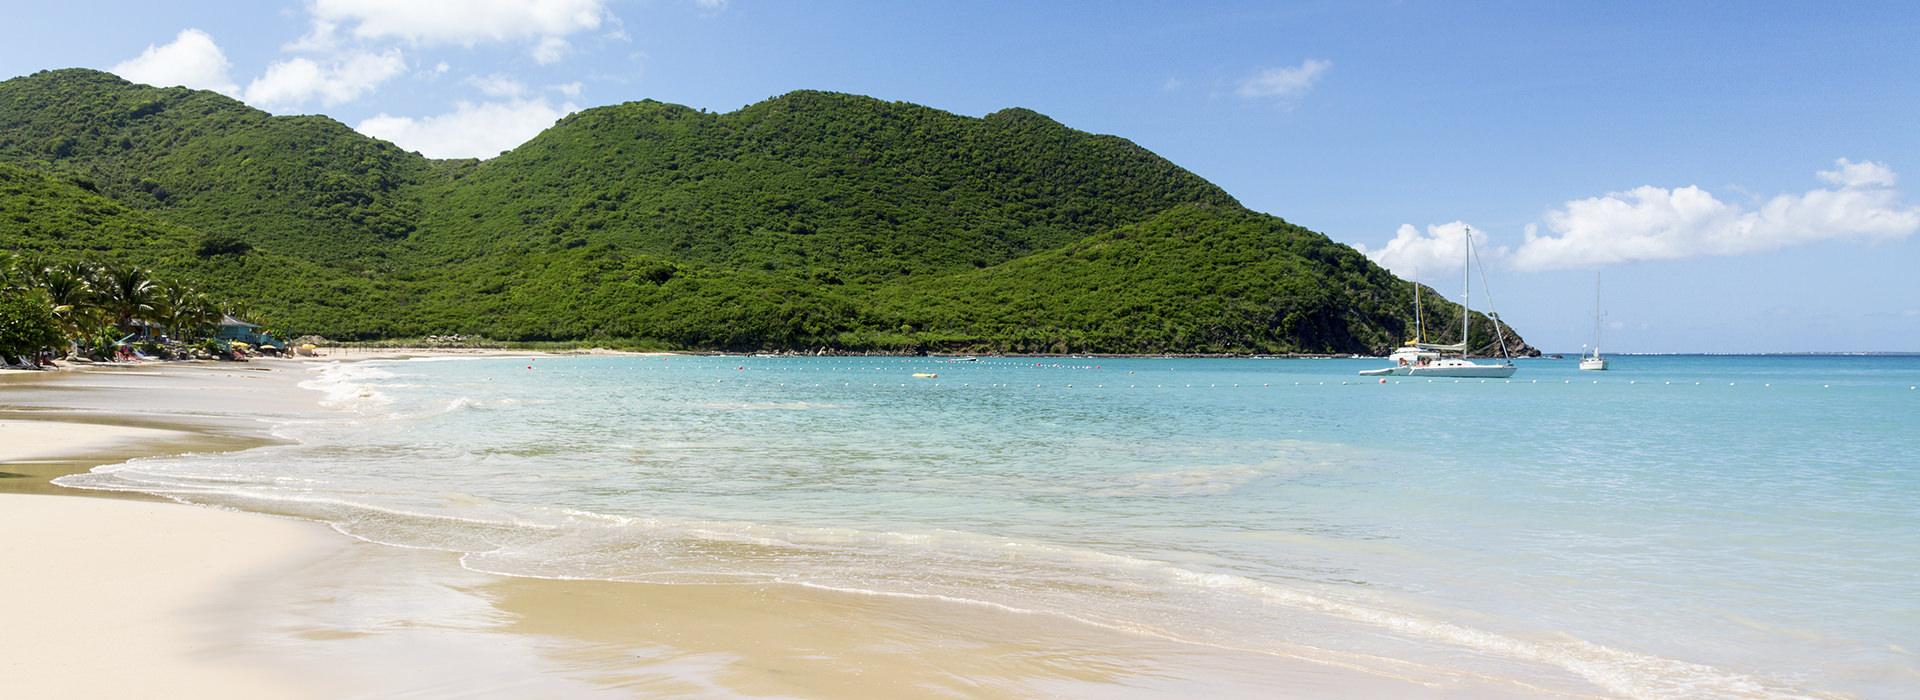 playa de st maaarten